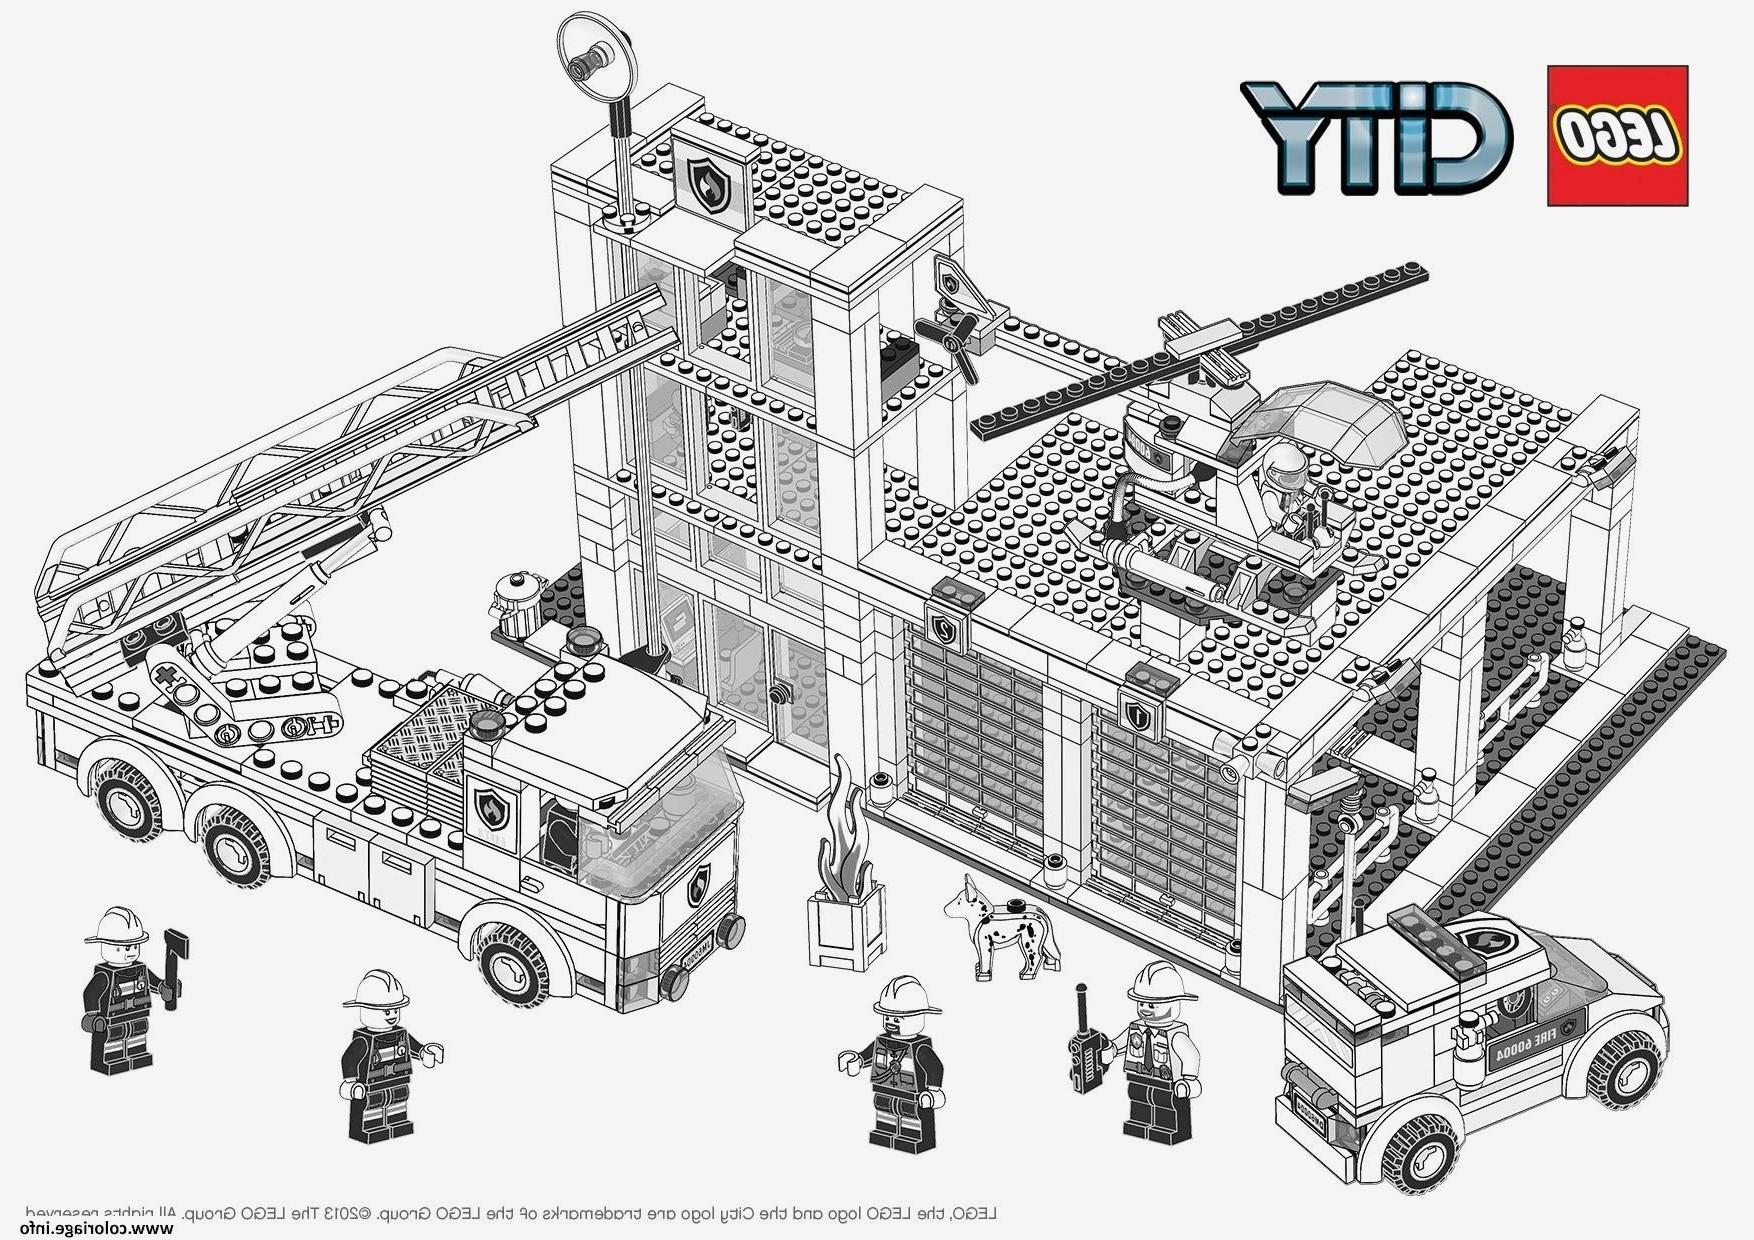 Lego Polizei Ausmalbilder Das Beste Von 33 Frisch Lego Friends Ausmalbilder – Große Coloring Page Sammlung Sammlung